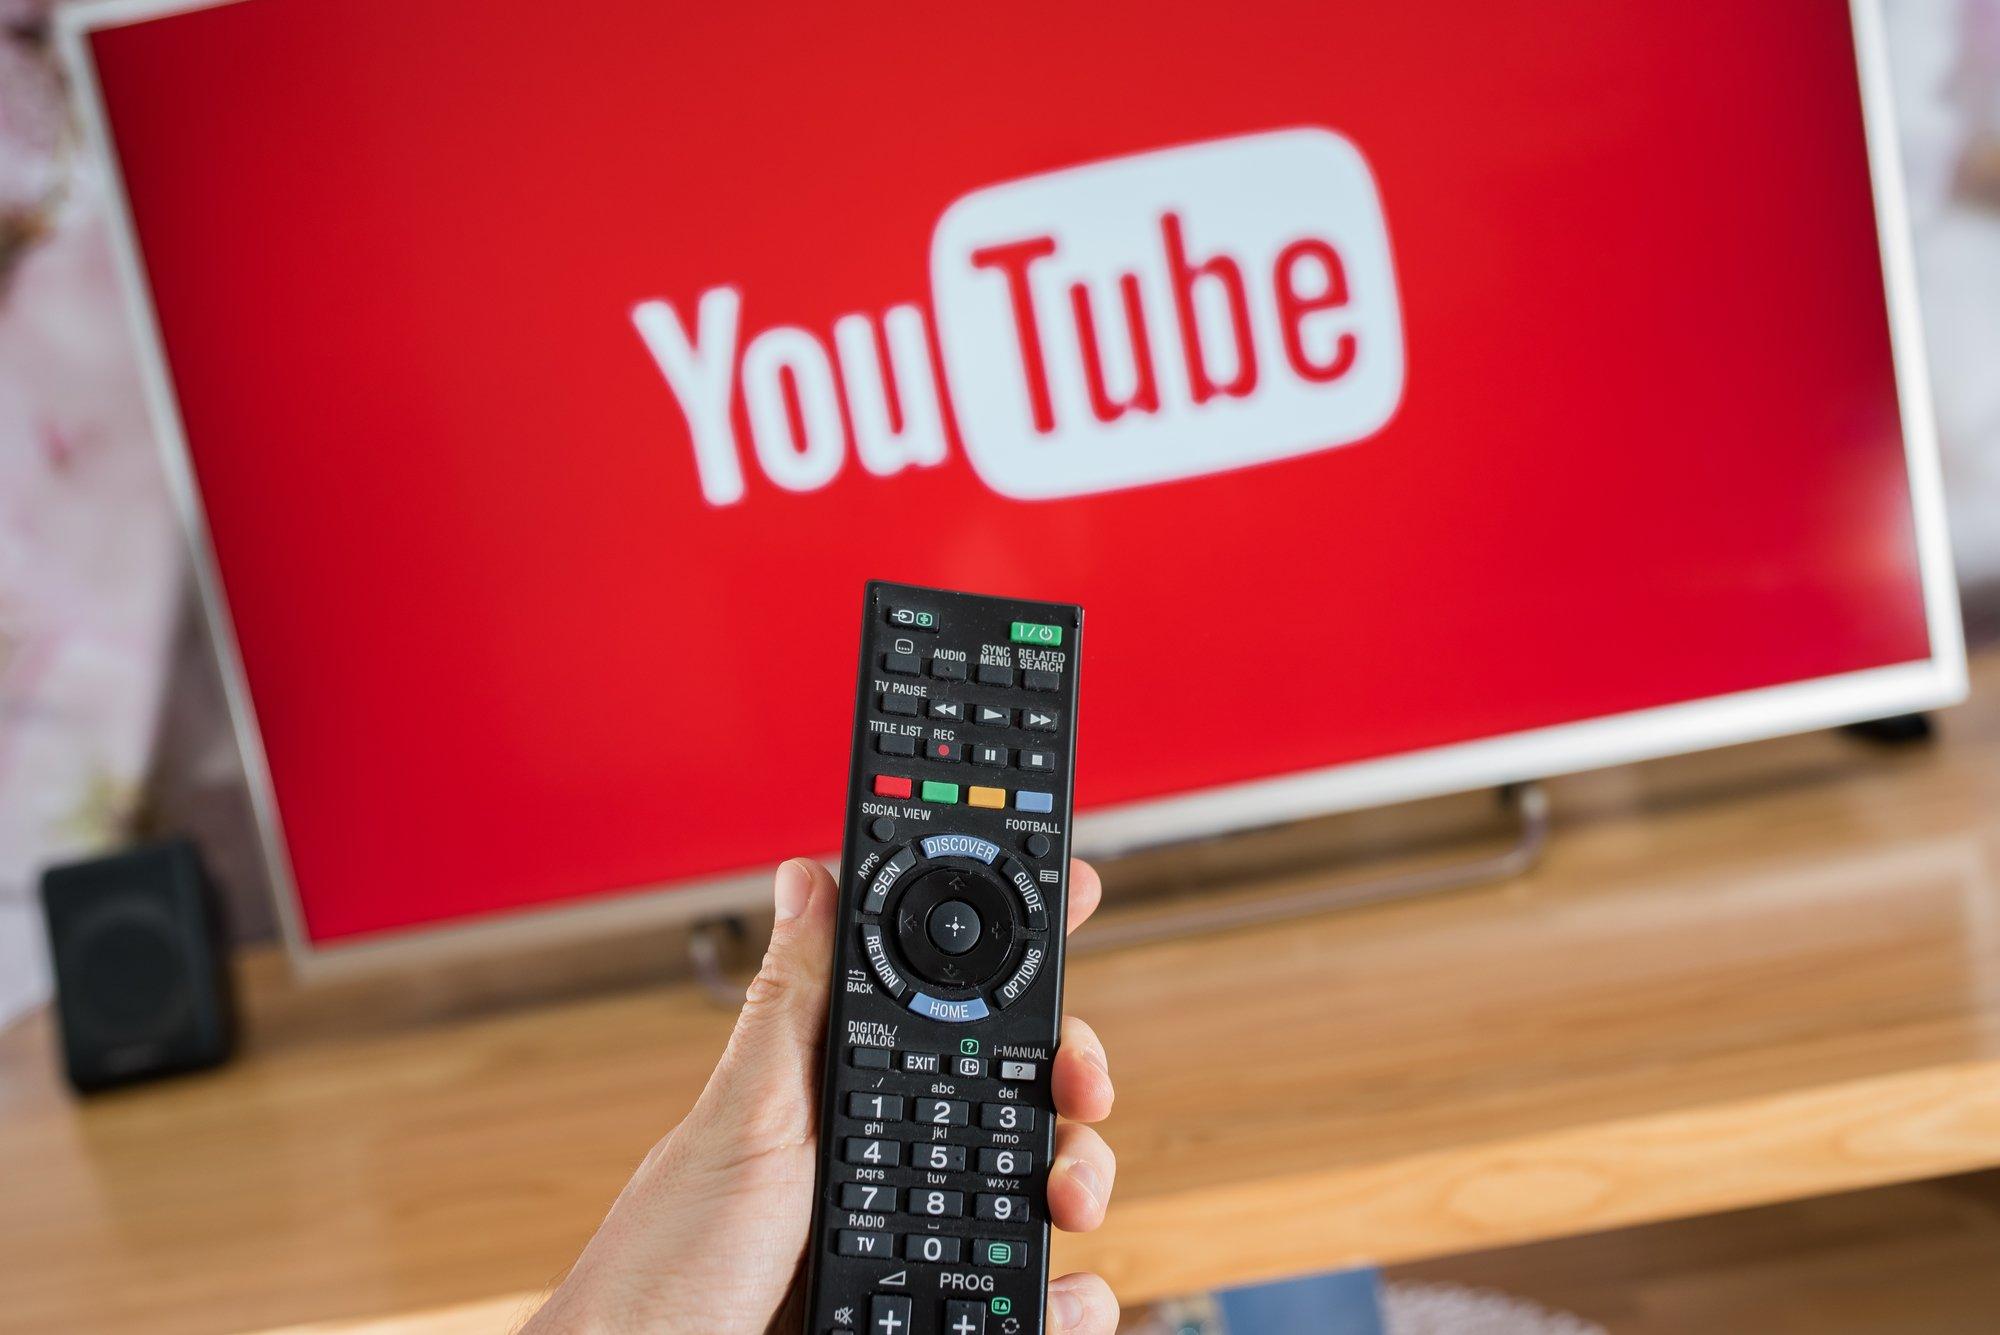 ustanovka-youtube-na-smarttv.jpg